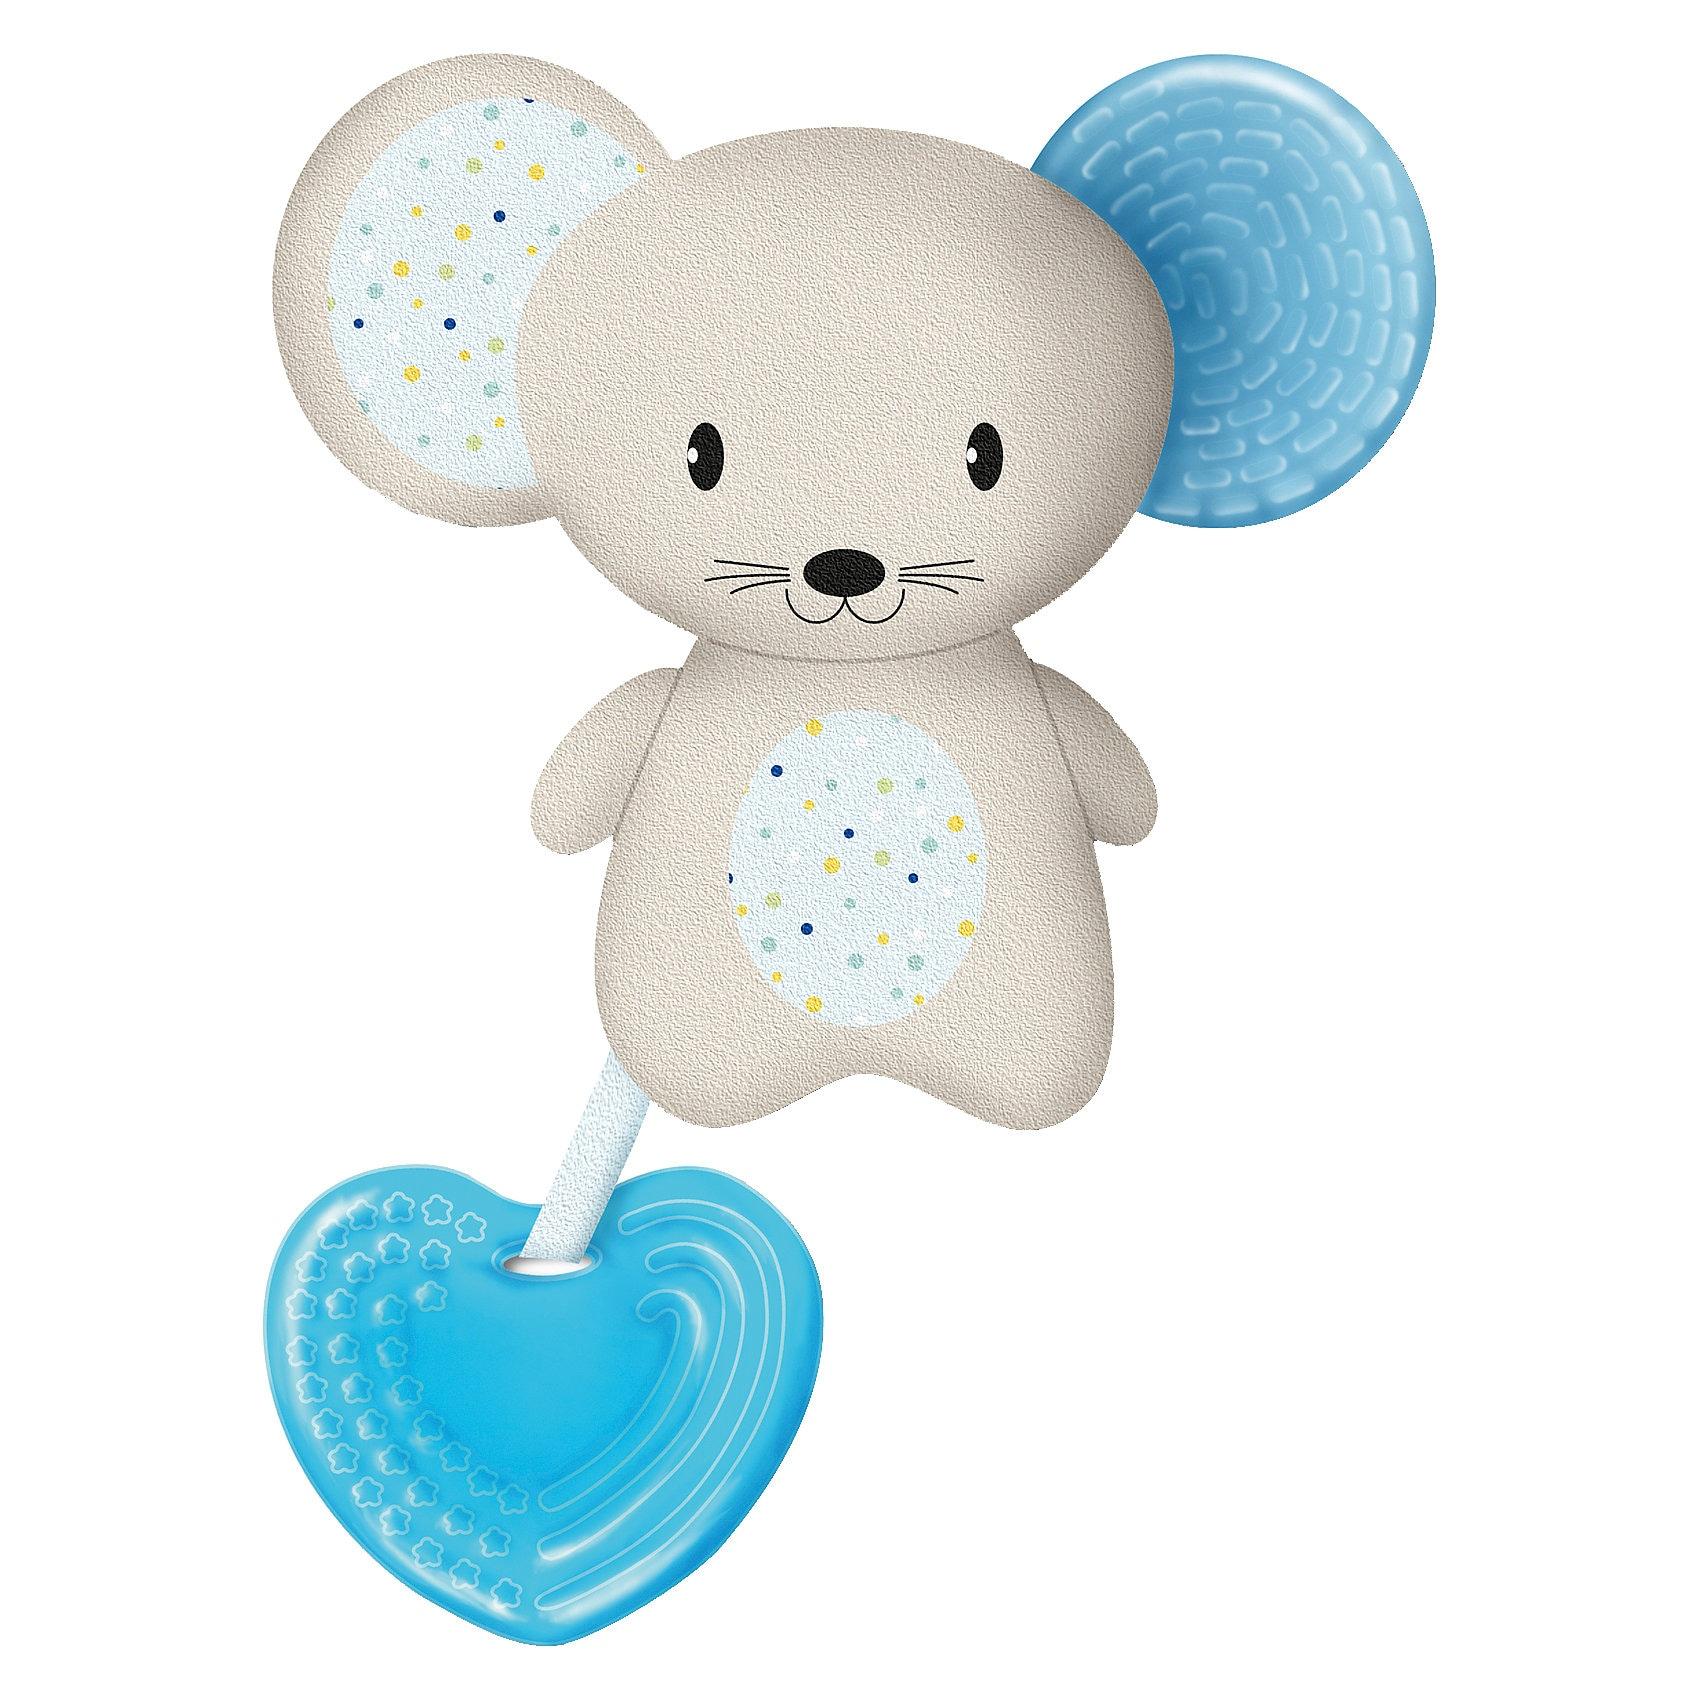 Chicco Beißring Softtierchen Fresh Friends mit abnehmbarem Beißring Boy Maus blau